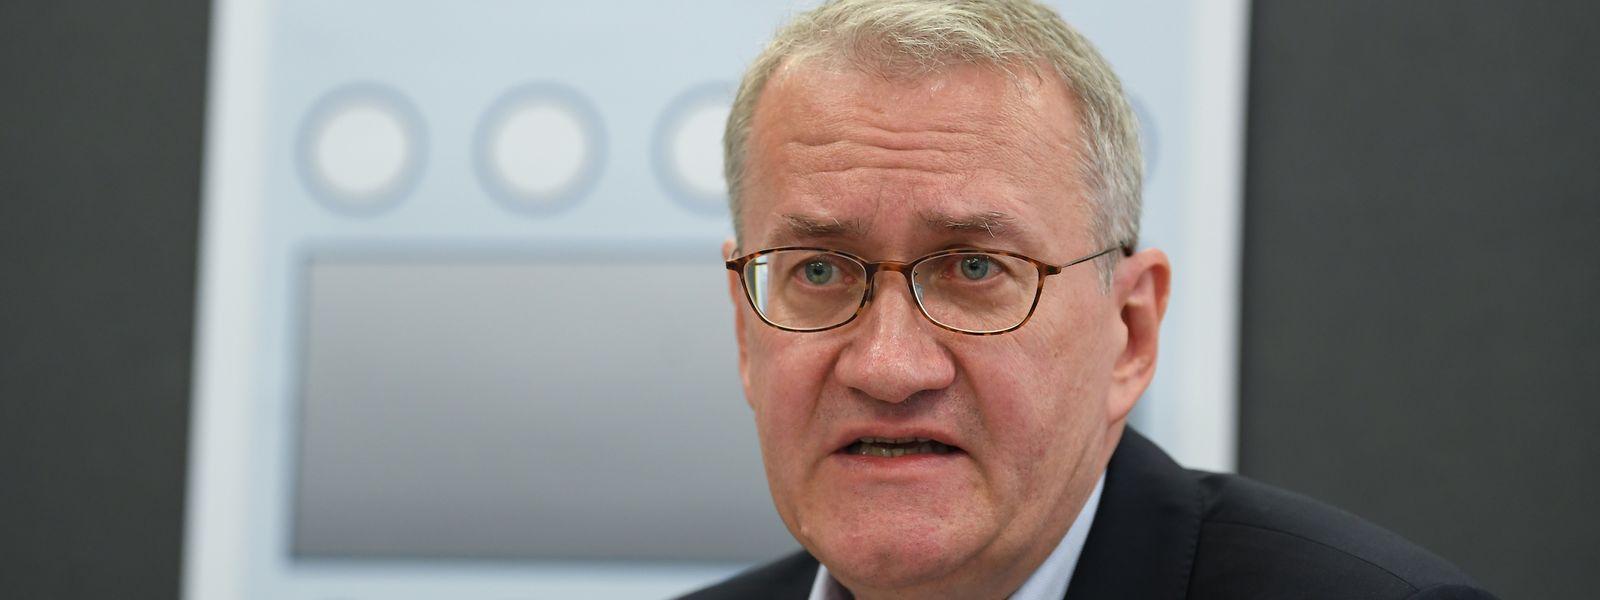 """Matthias Katsch ist Sprecher der Opfervereinigung """"Eckiger Tisch""""."""